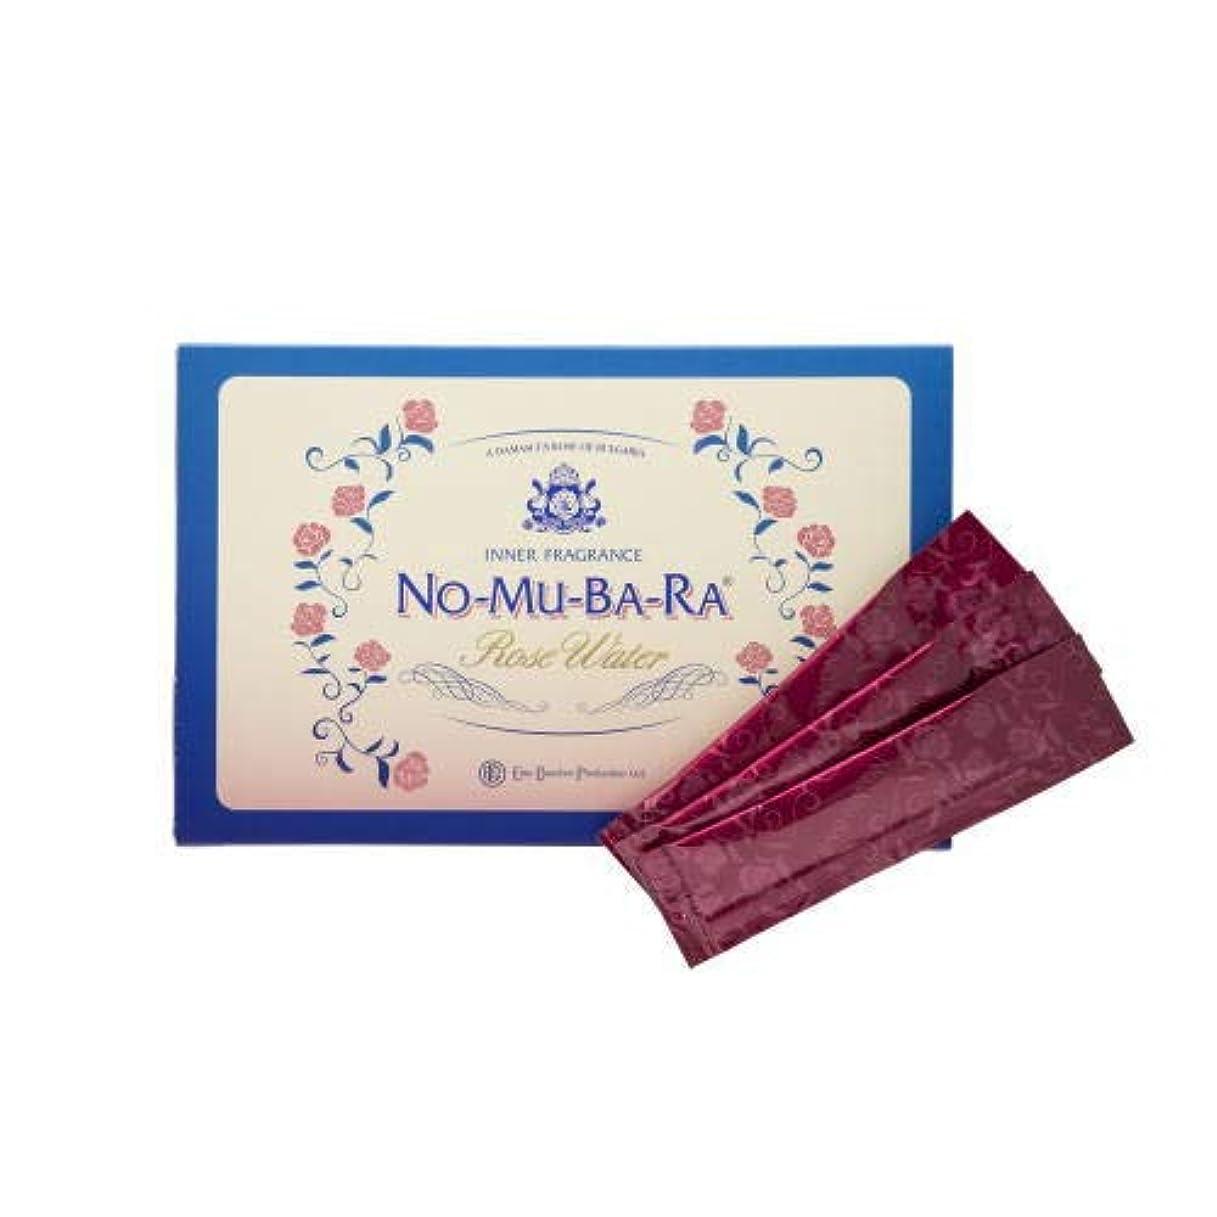 賠償形状土NO-MU-BA-RA NO-MU-BA-RA(ノムバラ)(35包入)×2箱【モンドセレクション受賞】